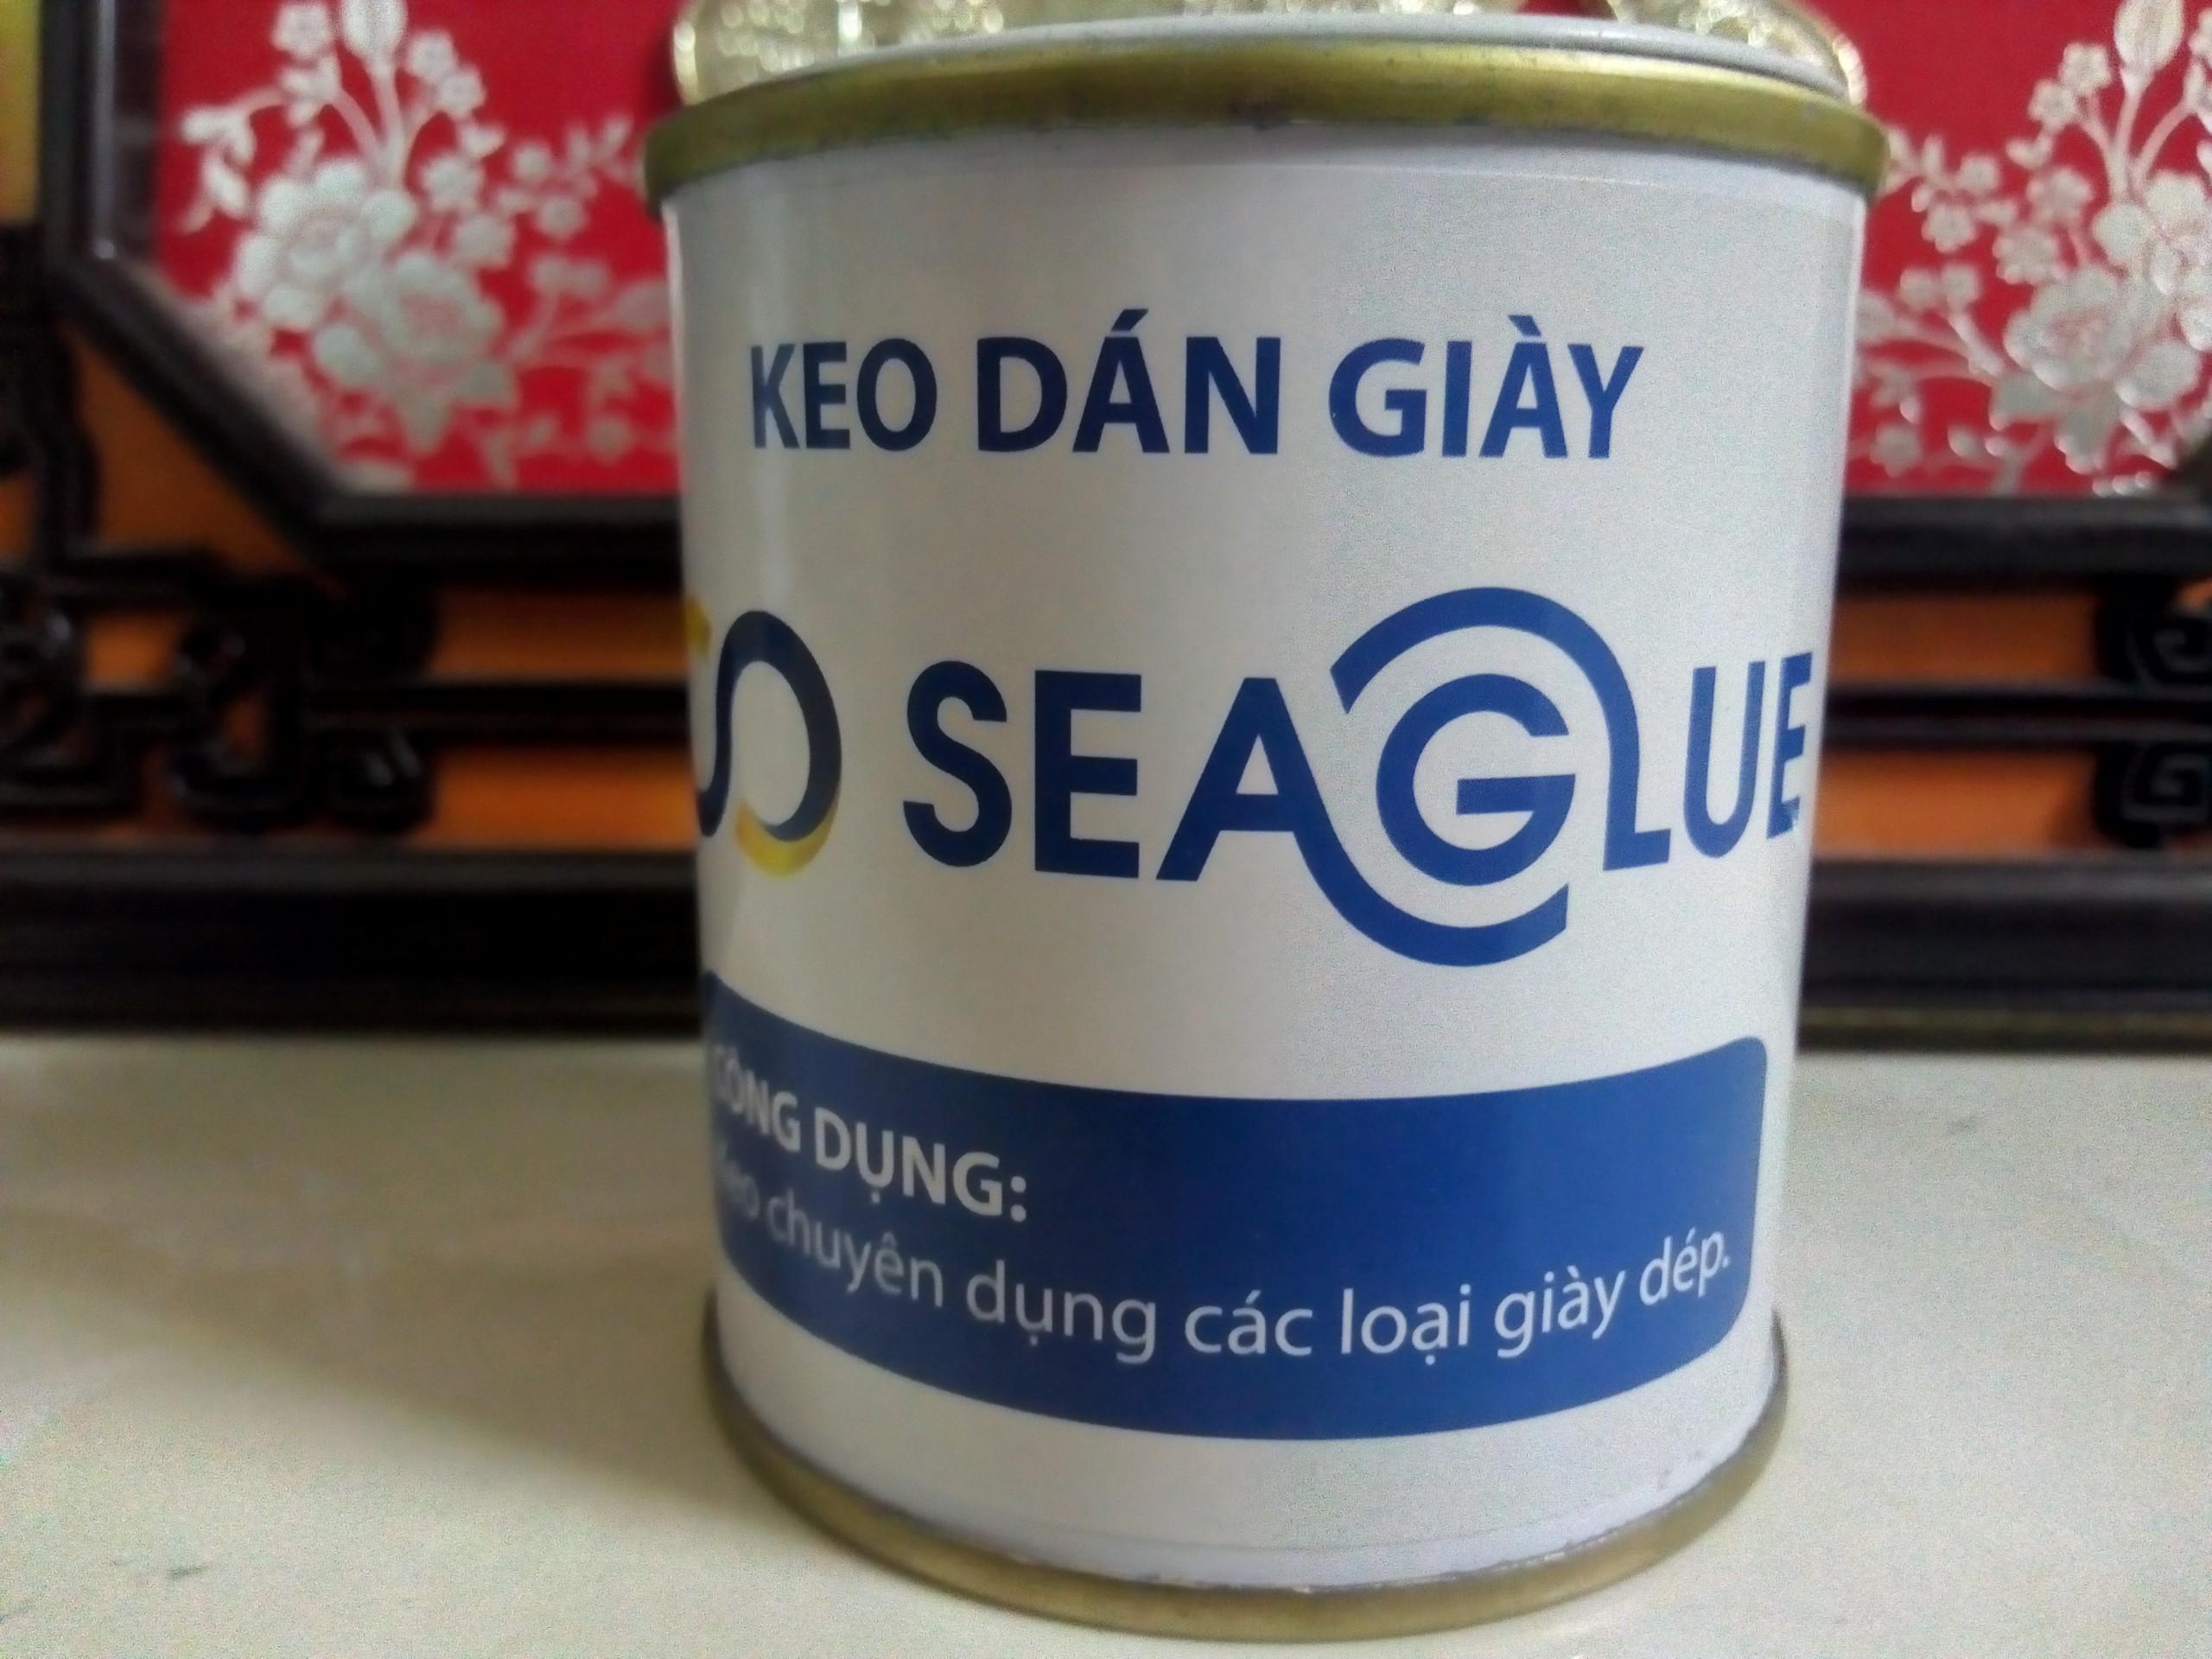 Keo Dán Giày, Keo Dán Giày Seaglue 300Gram